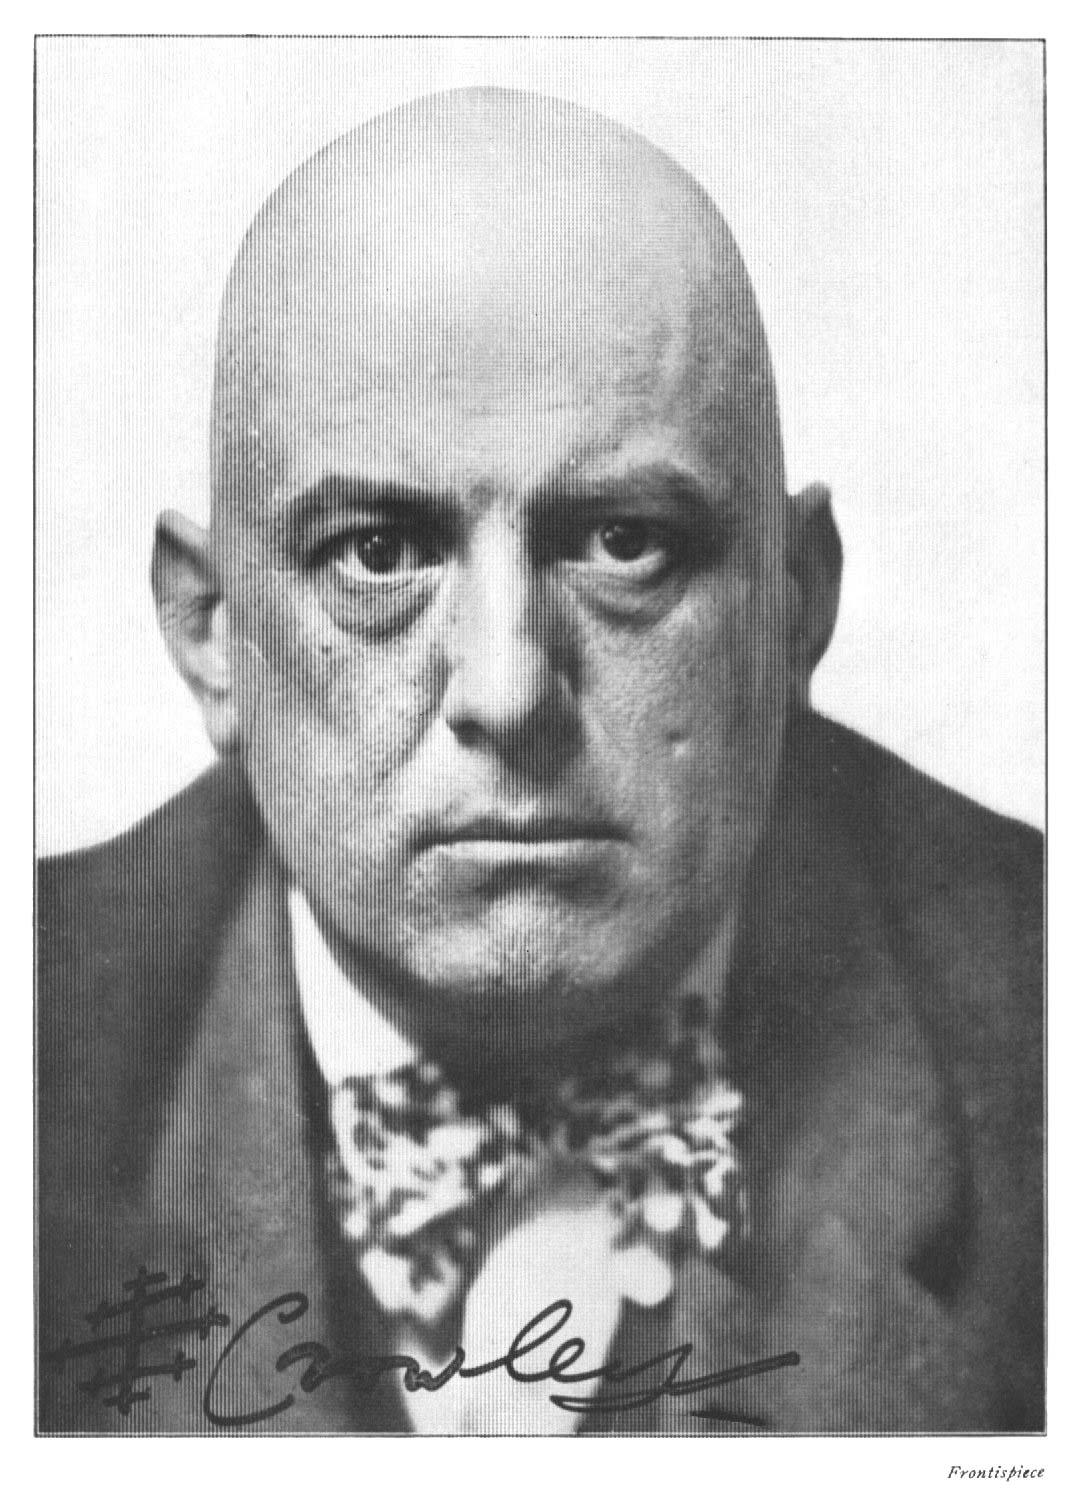 Crowley (via      Wikipedi  a   )